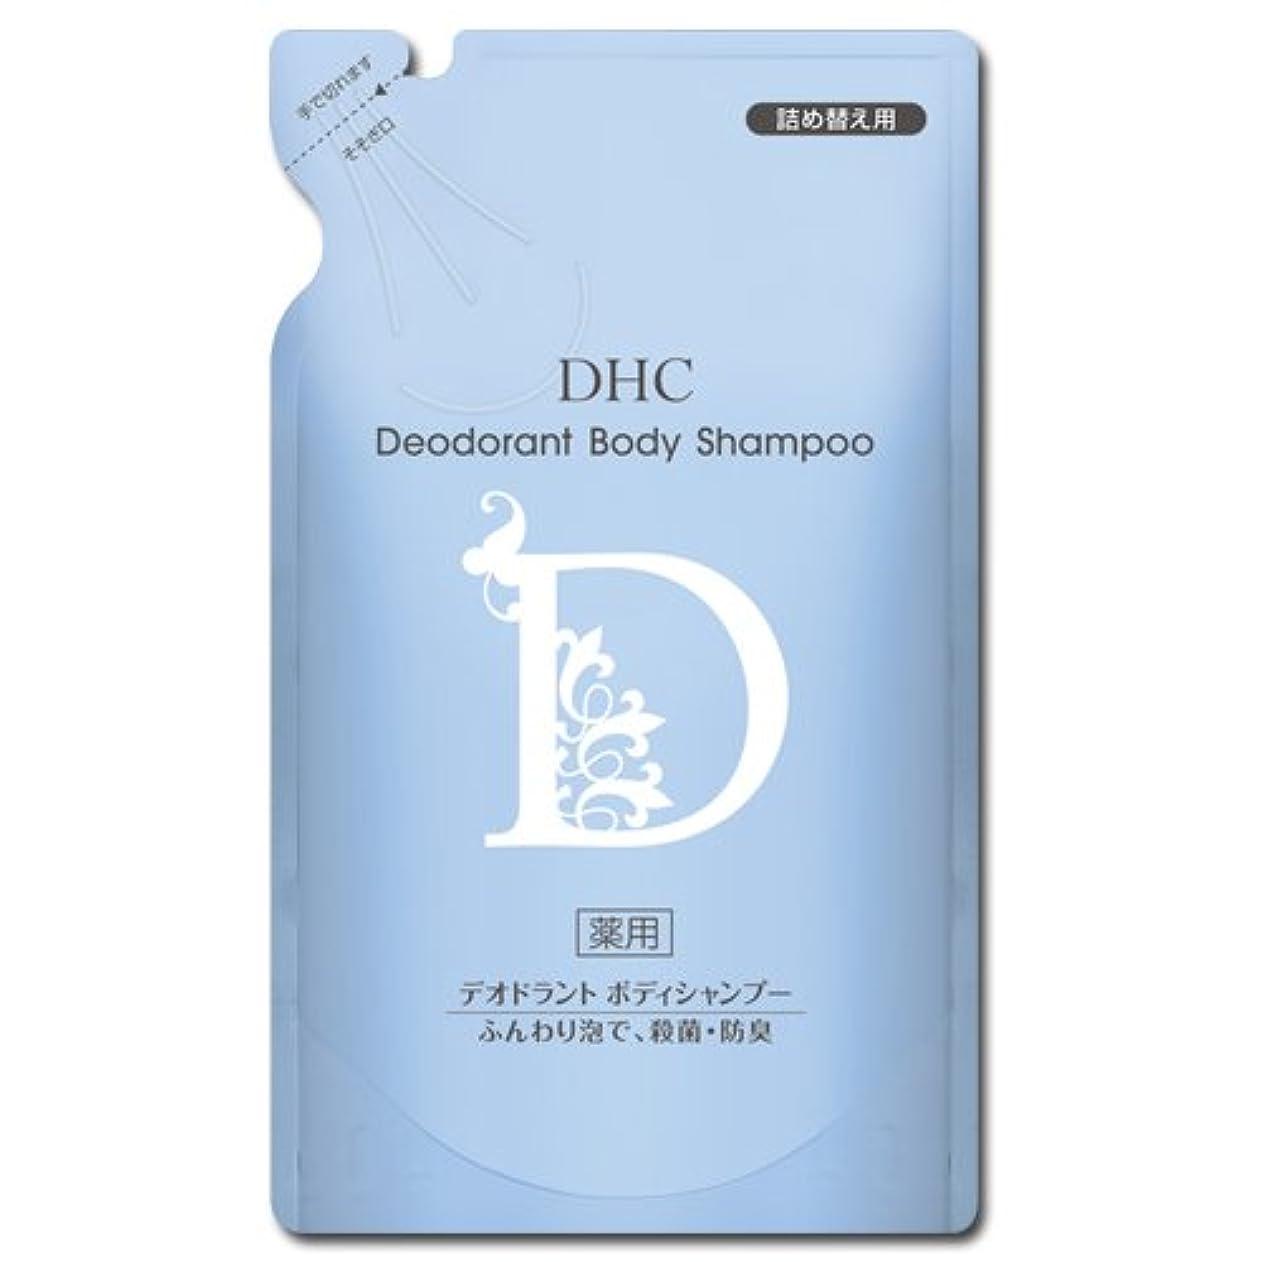 上級有限ステージ【医薬部外品】DHC薬用デオドラント ボディシャンプー 詰め替え用